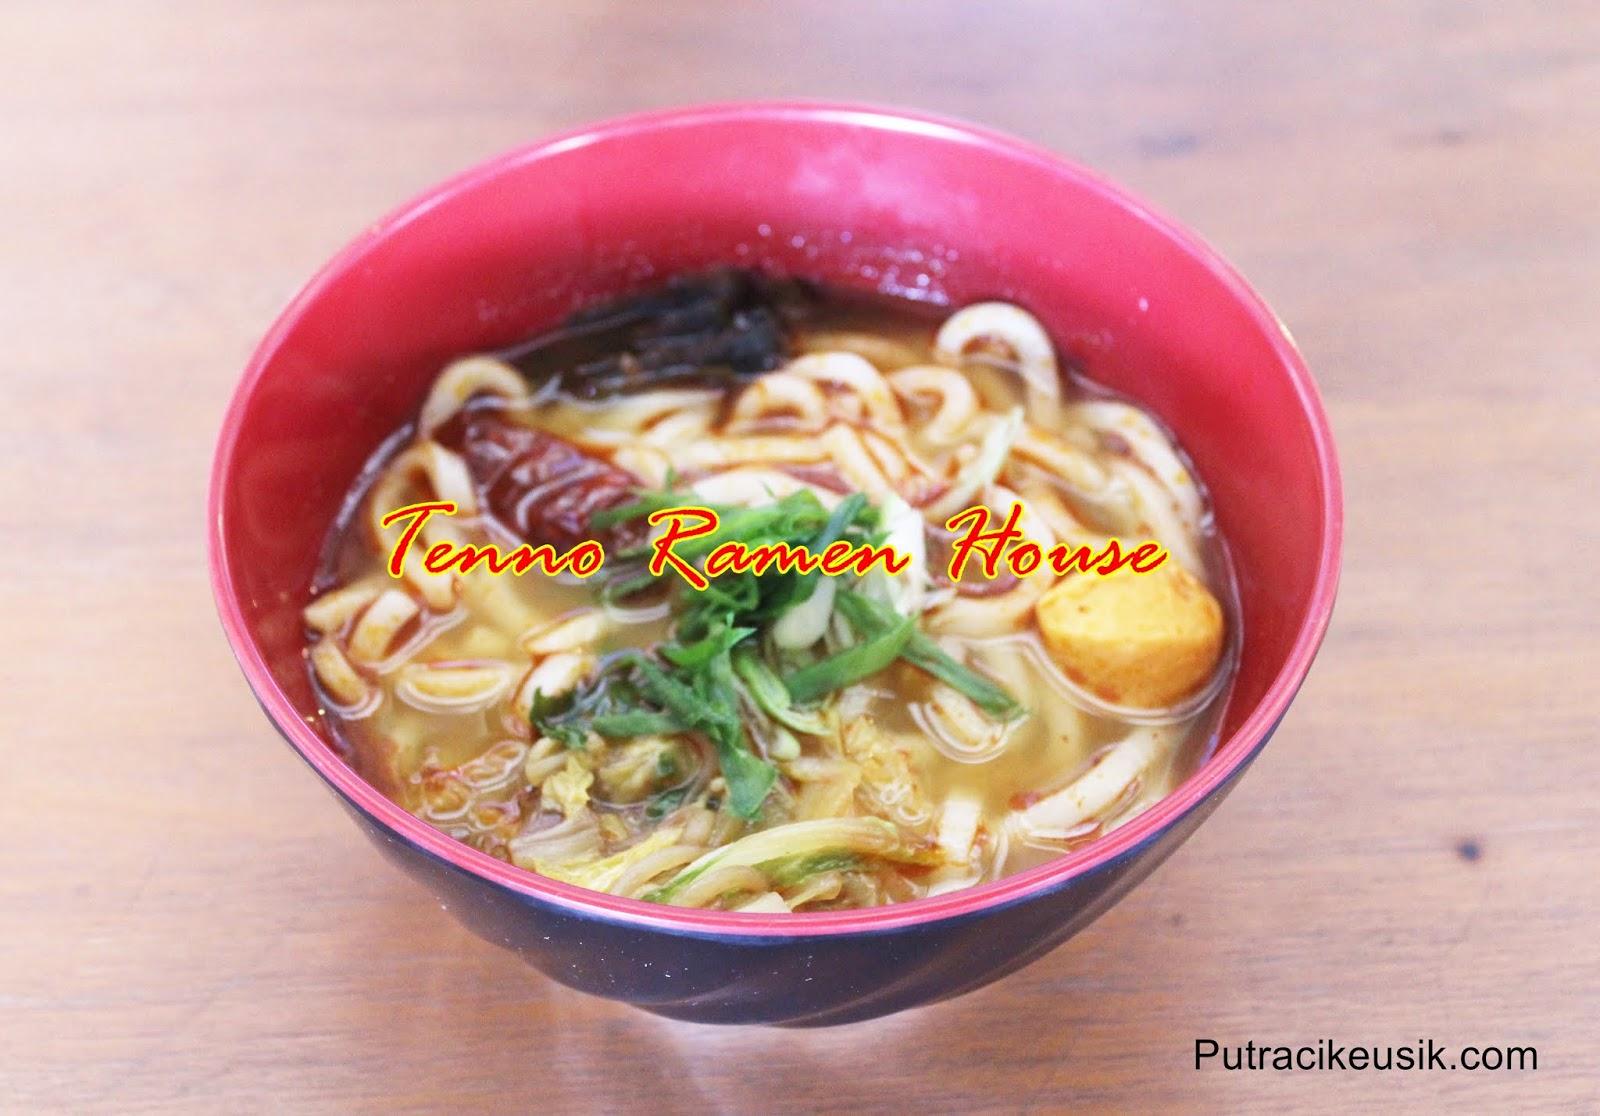 Semangkuk Kelezatan Tenno Ramen House di Paskal Food Market Bandung